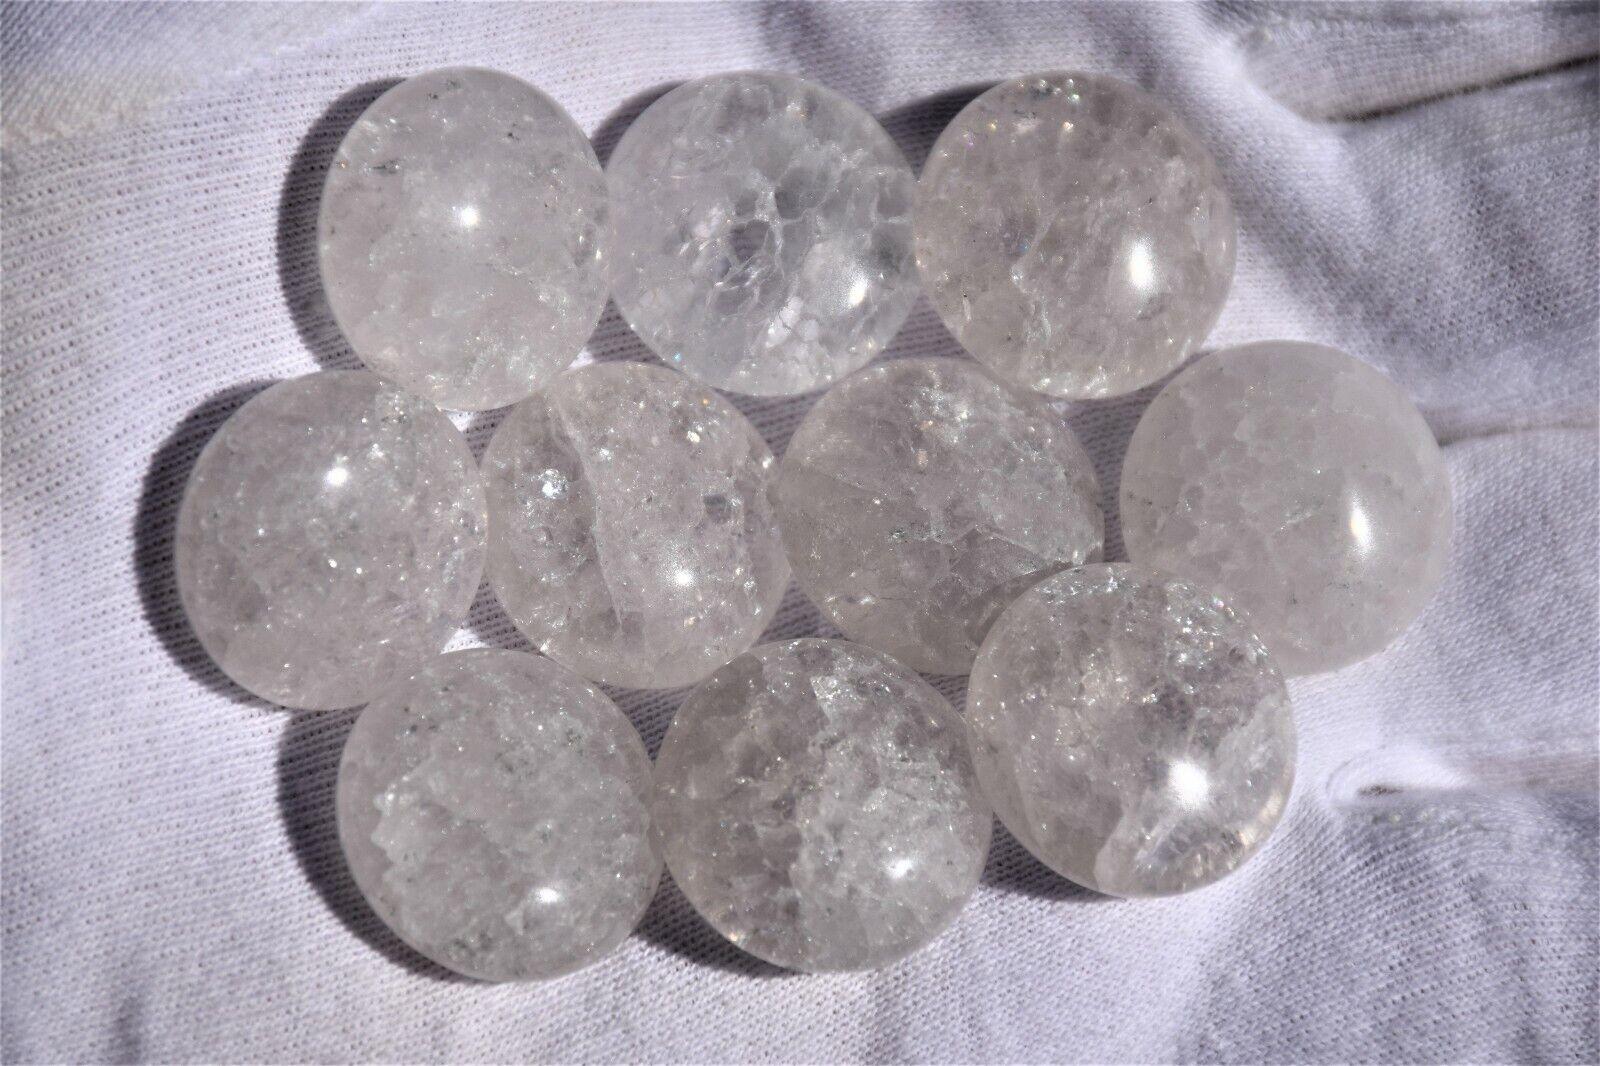 Agrietado cristal piedras Go-Go Juego, Baduk, Weiqi, Igo, pizarra y Shell